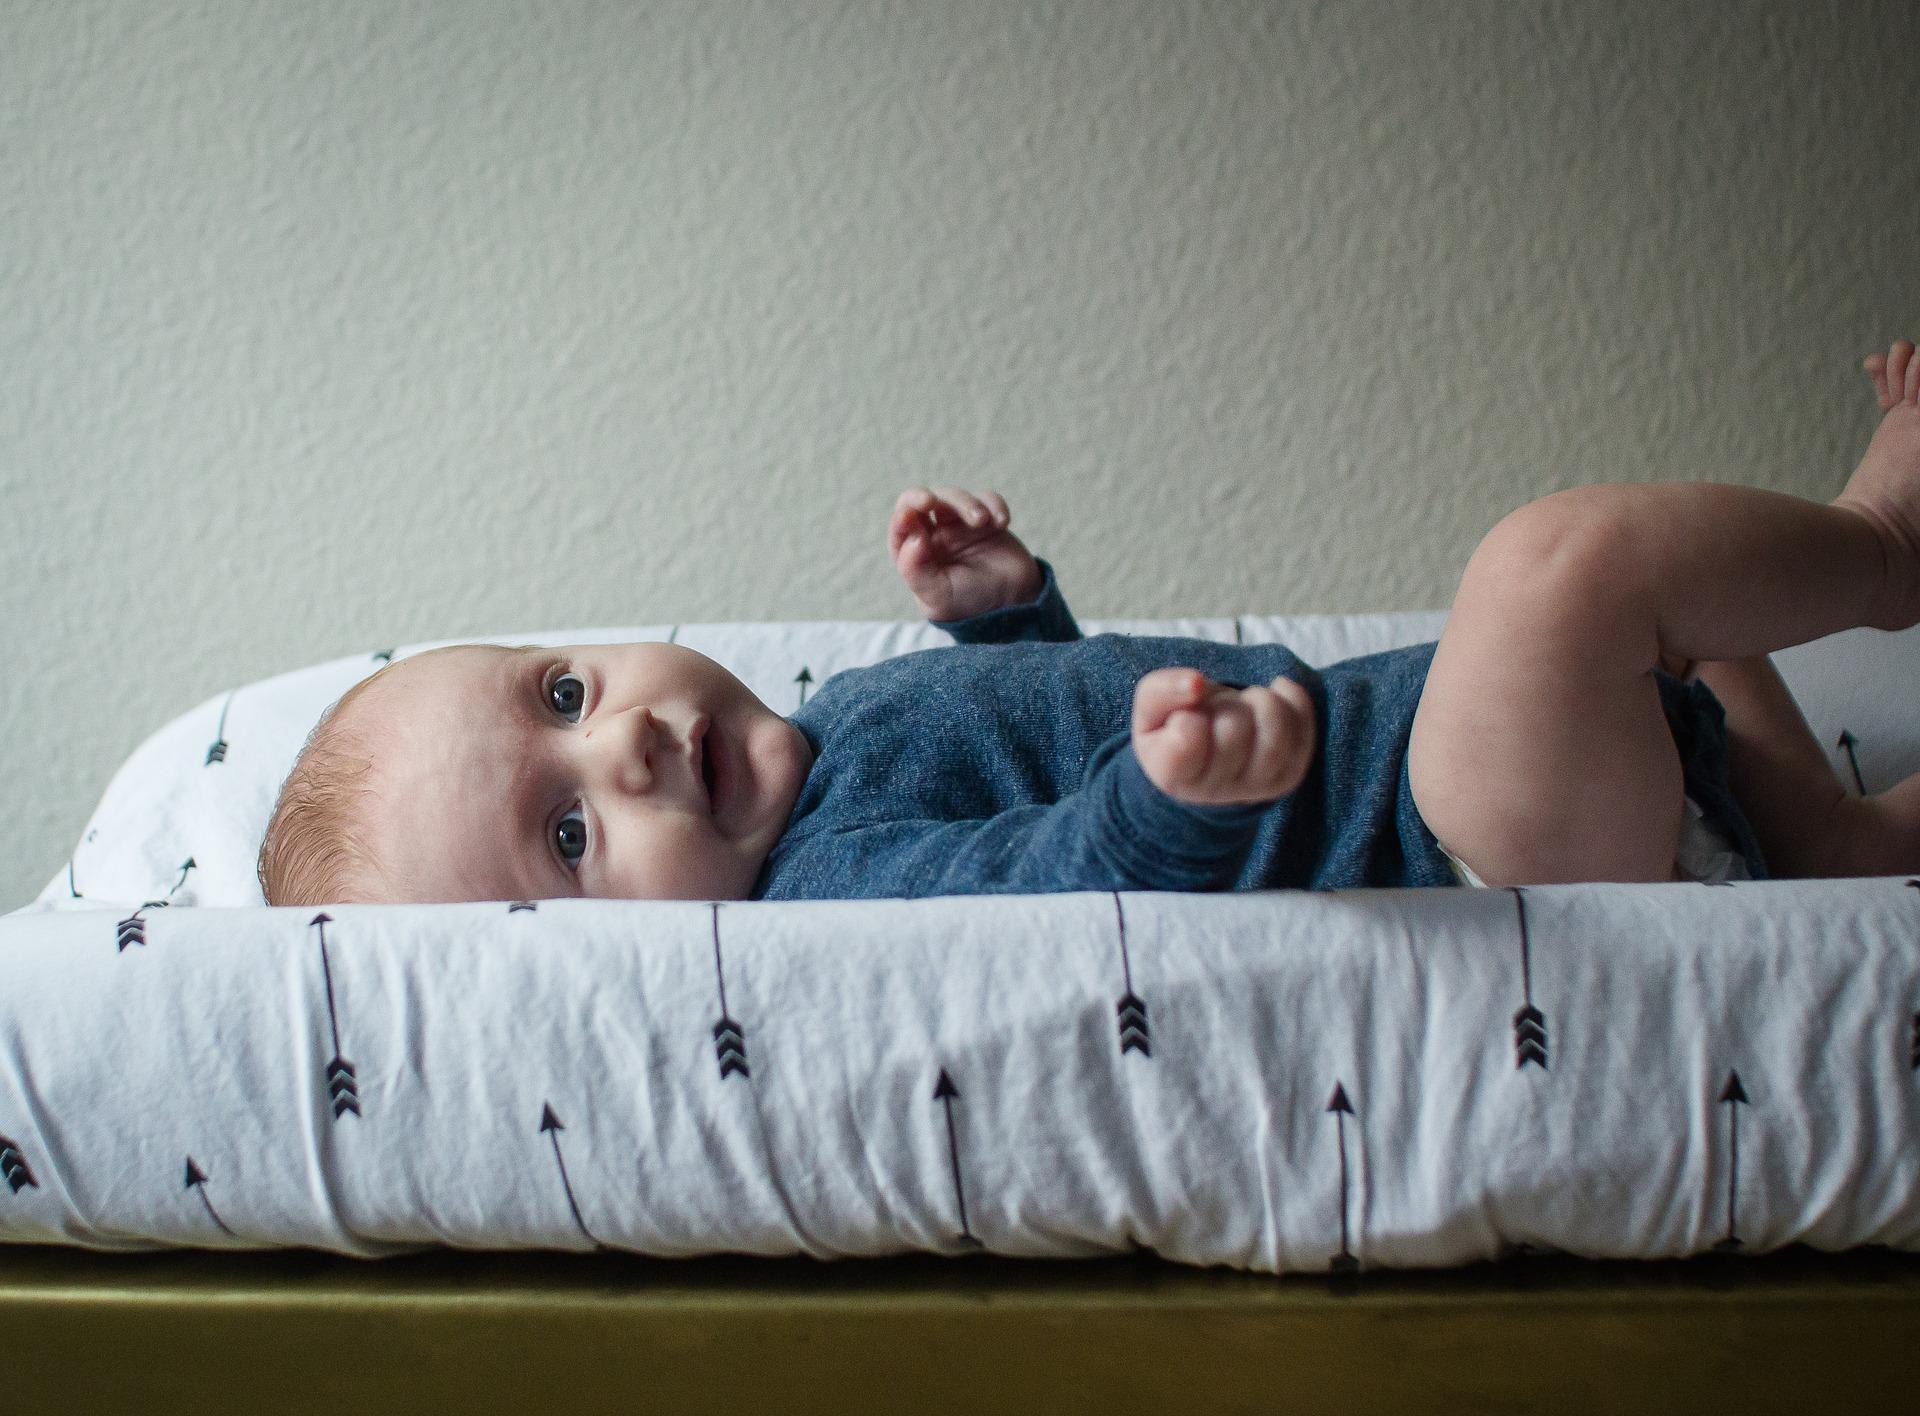 Baby op verschoonkussen